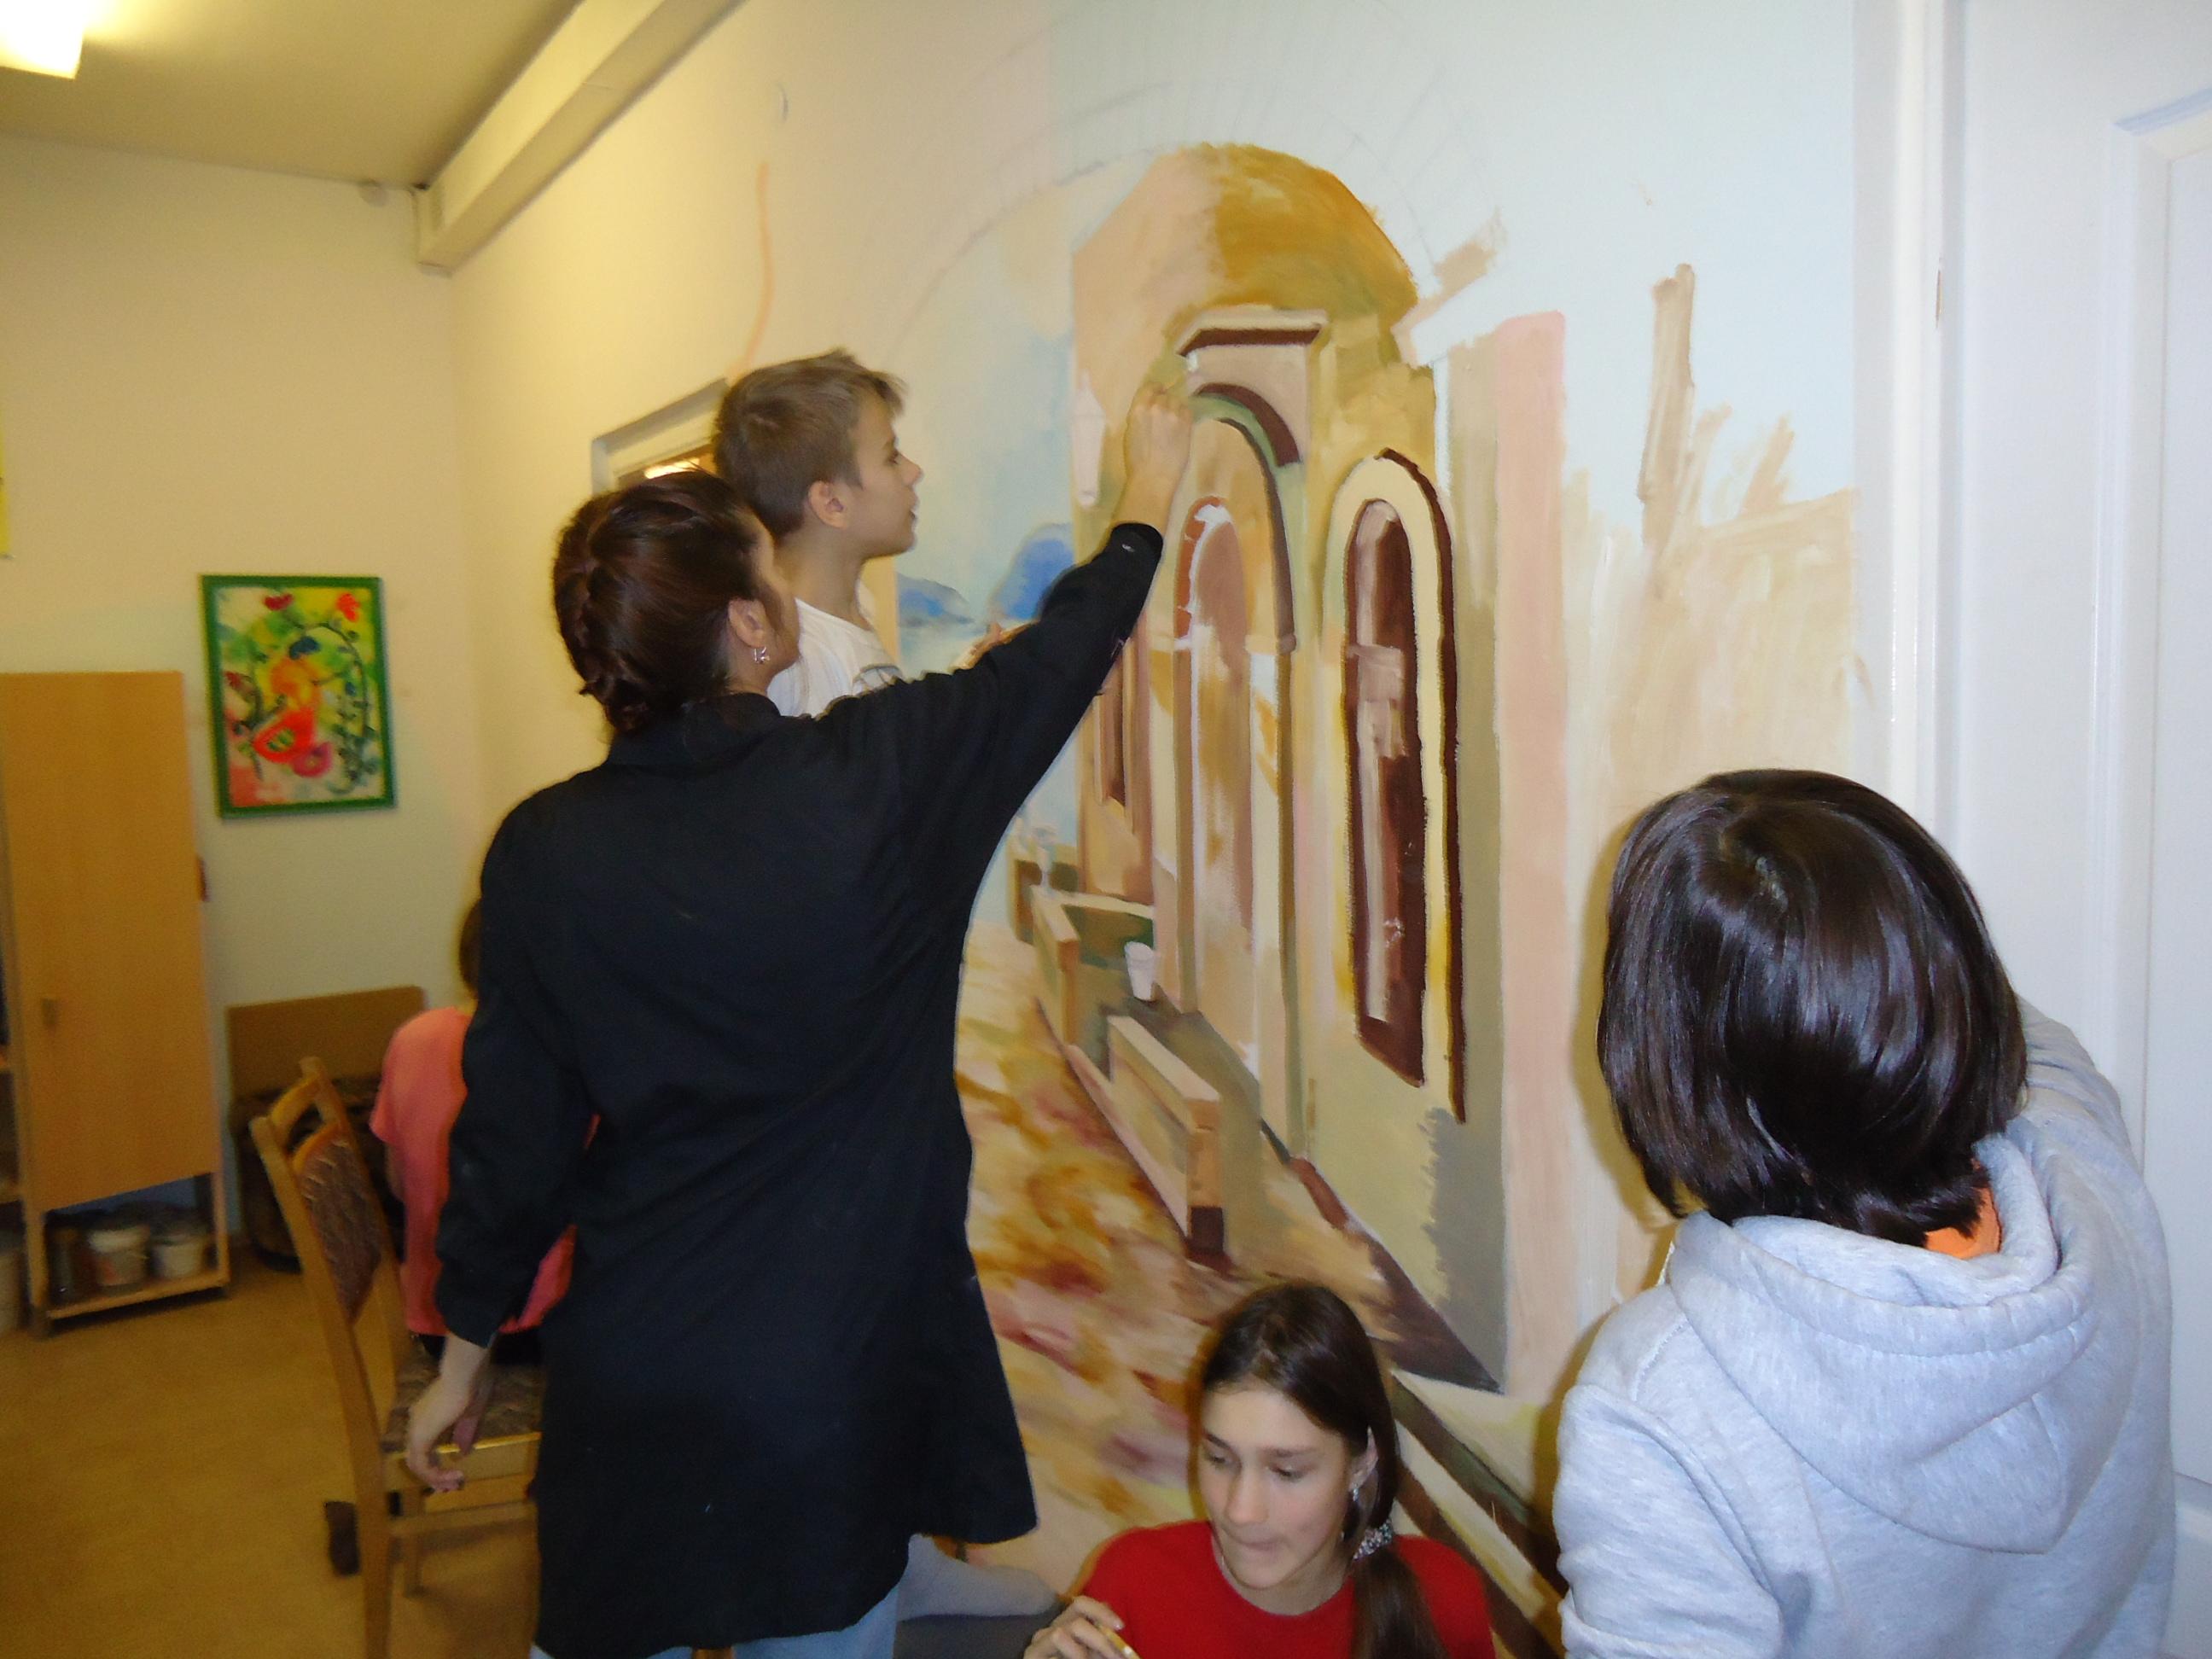 мы с детьми делаем роспись стены